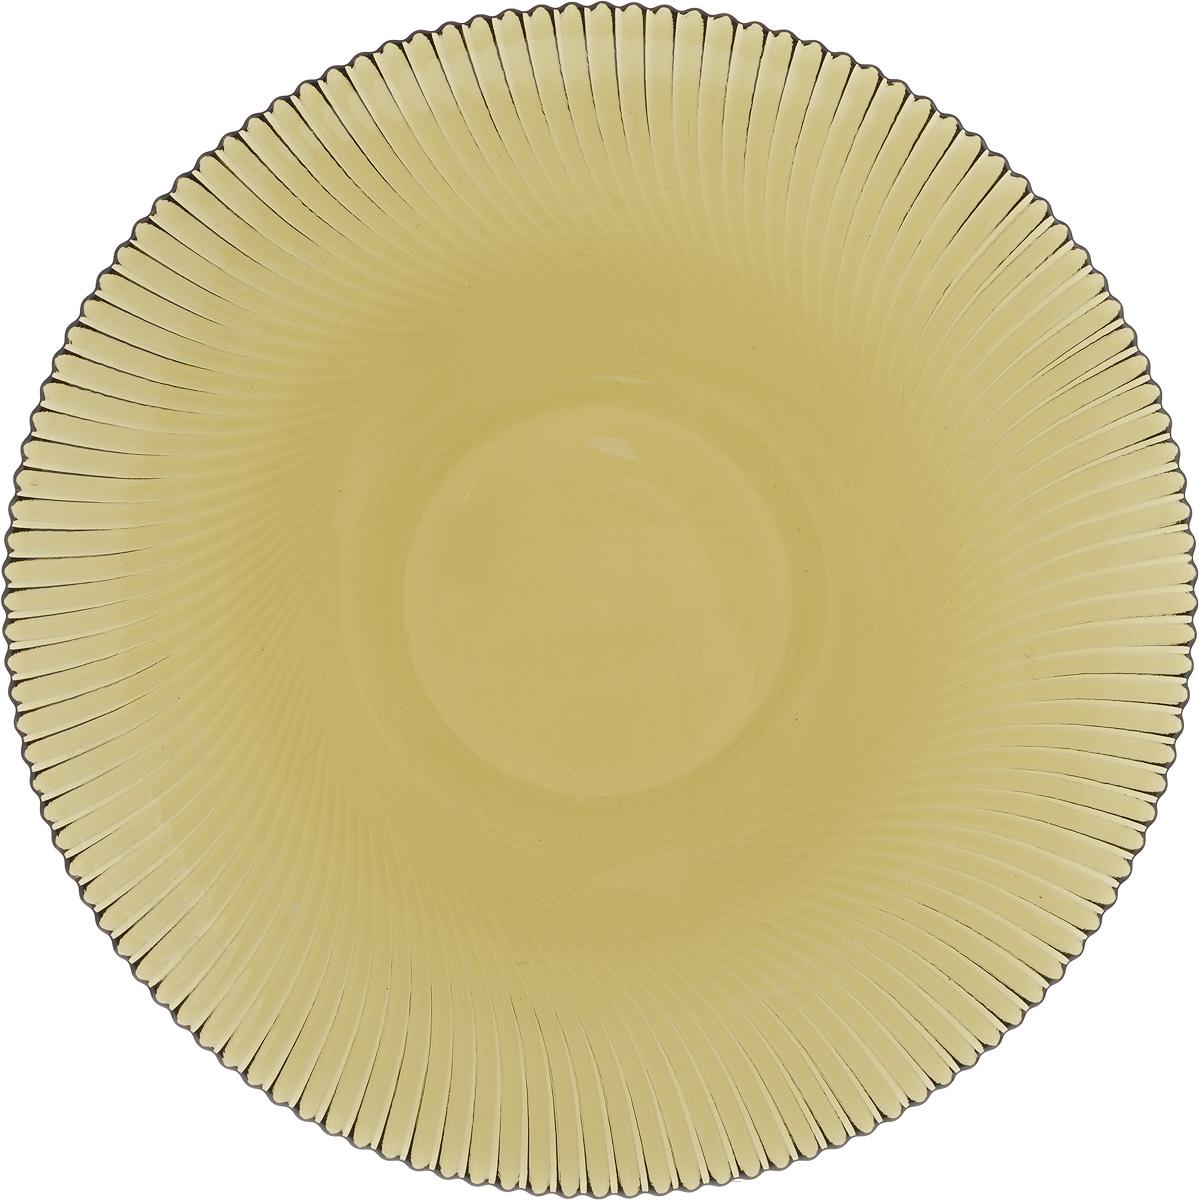 Тарелка NiNaGlass Альтера, цвет: дымчатый, диаметр 26 см83-067-ф260 ДЫМТарелка NiNaGlass Альтера выполнена из высококачественного стекла и оформлена красивым рельефным узором. Тарелка идеальна для подачи вторых блюд, а также сервировки закусок, нарезок, десертов и многого другого. Она отлично подойдет как для повседневных, так и для торжественных случаев. Такая тарелка прекрасно впишется в интерьер вашей кухни и станет достойным дополнением к кухонному инвентарю.